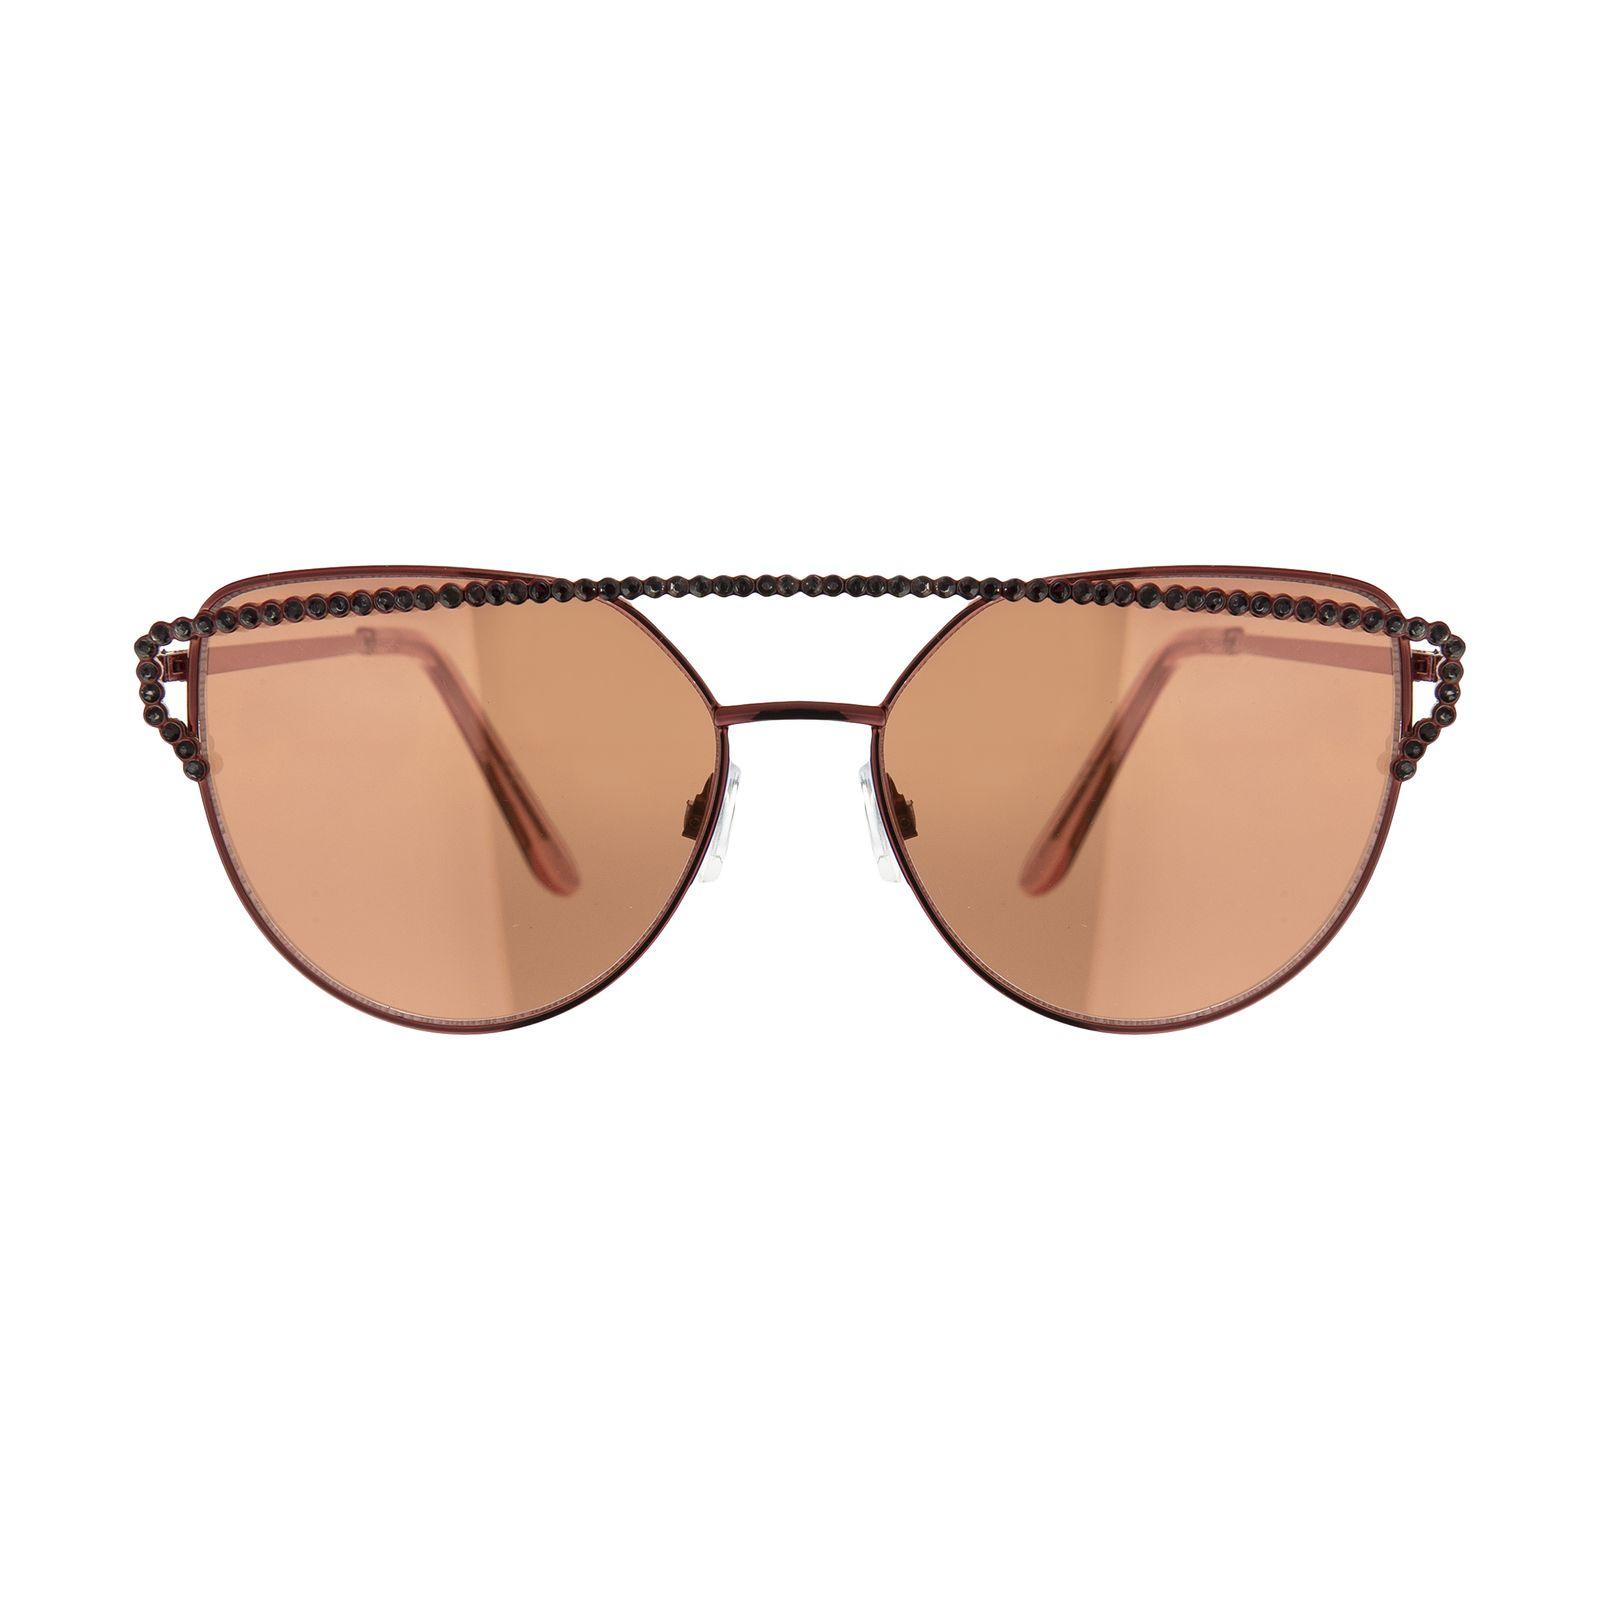 عینک آفتابی زنانه آلدو مدل 57211087 - نارنجی - 2